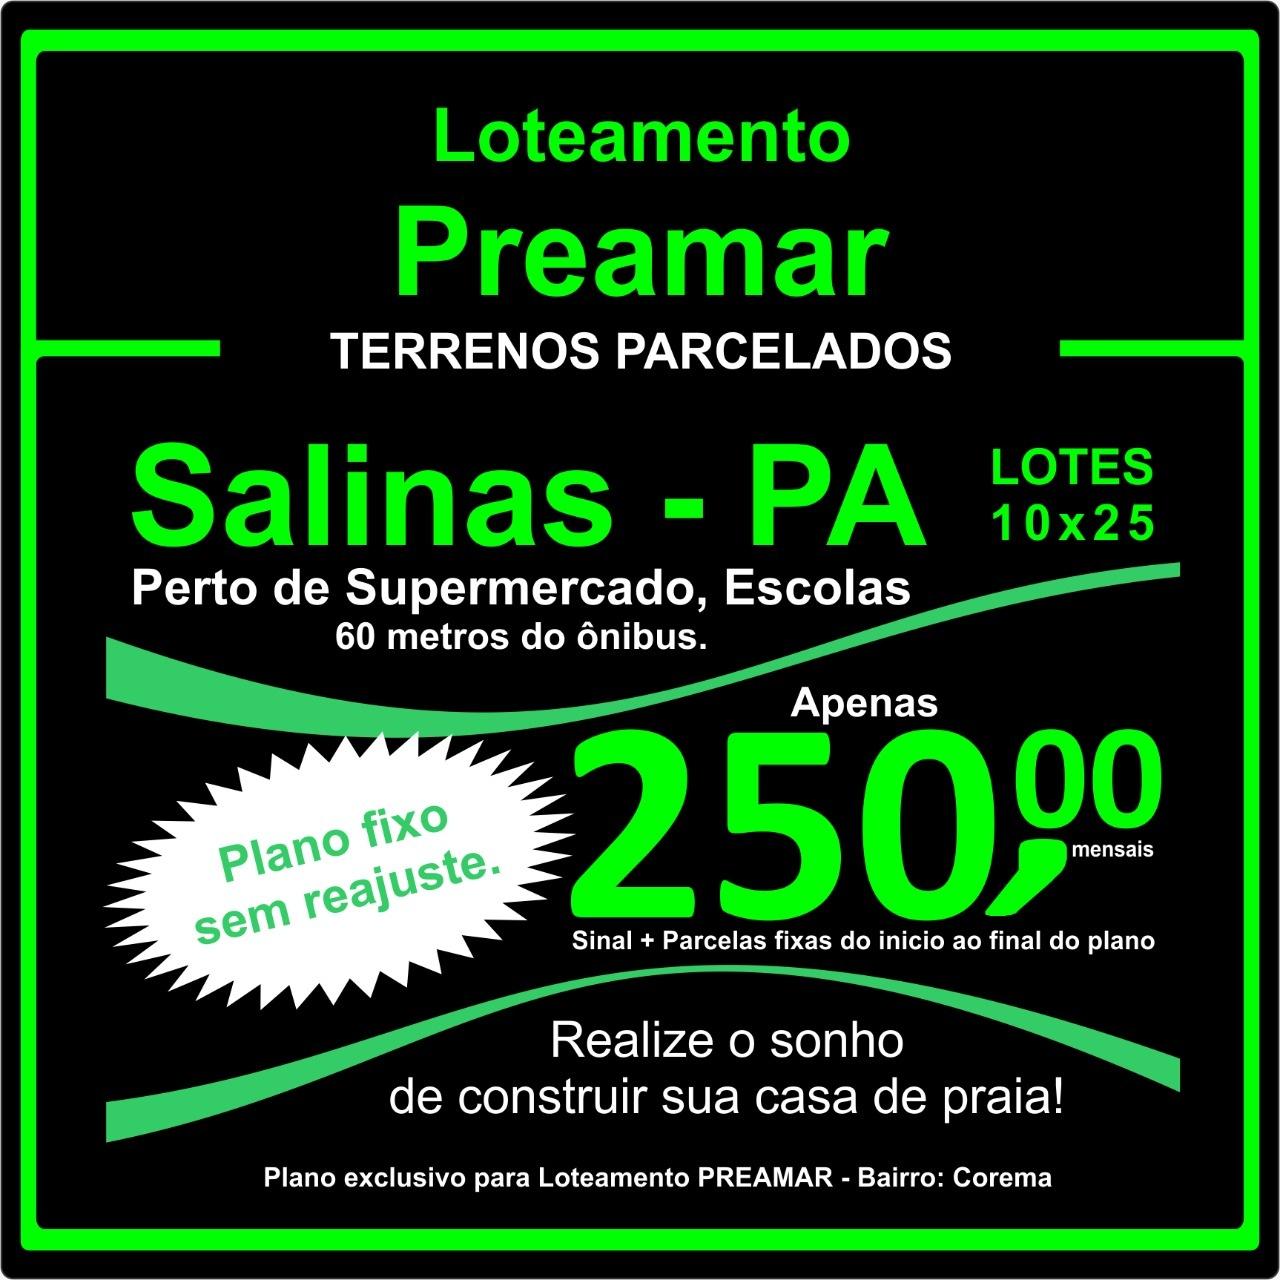 Salinas-Loteamento-Preamar-Parreira Corretor-Poupança-ou-Terrenos-Aplicar-Lotes-terrenos-casas-em-Ananindeua-Salinas-Maruda-Pará